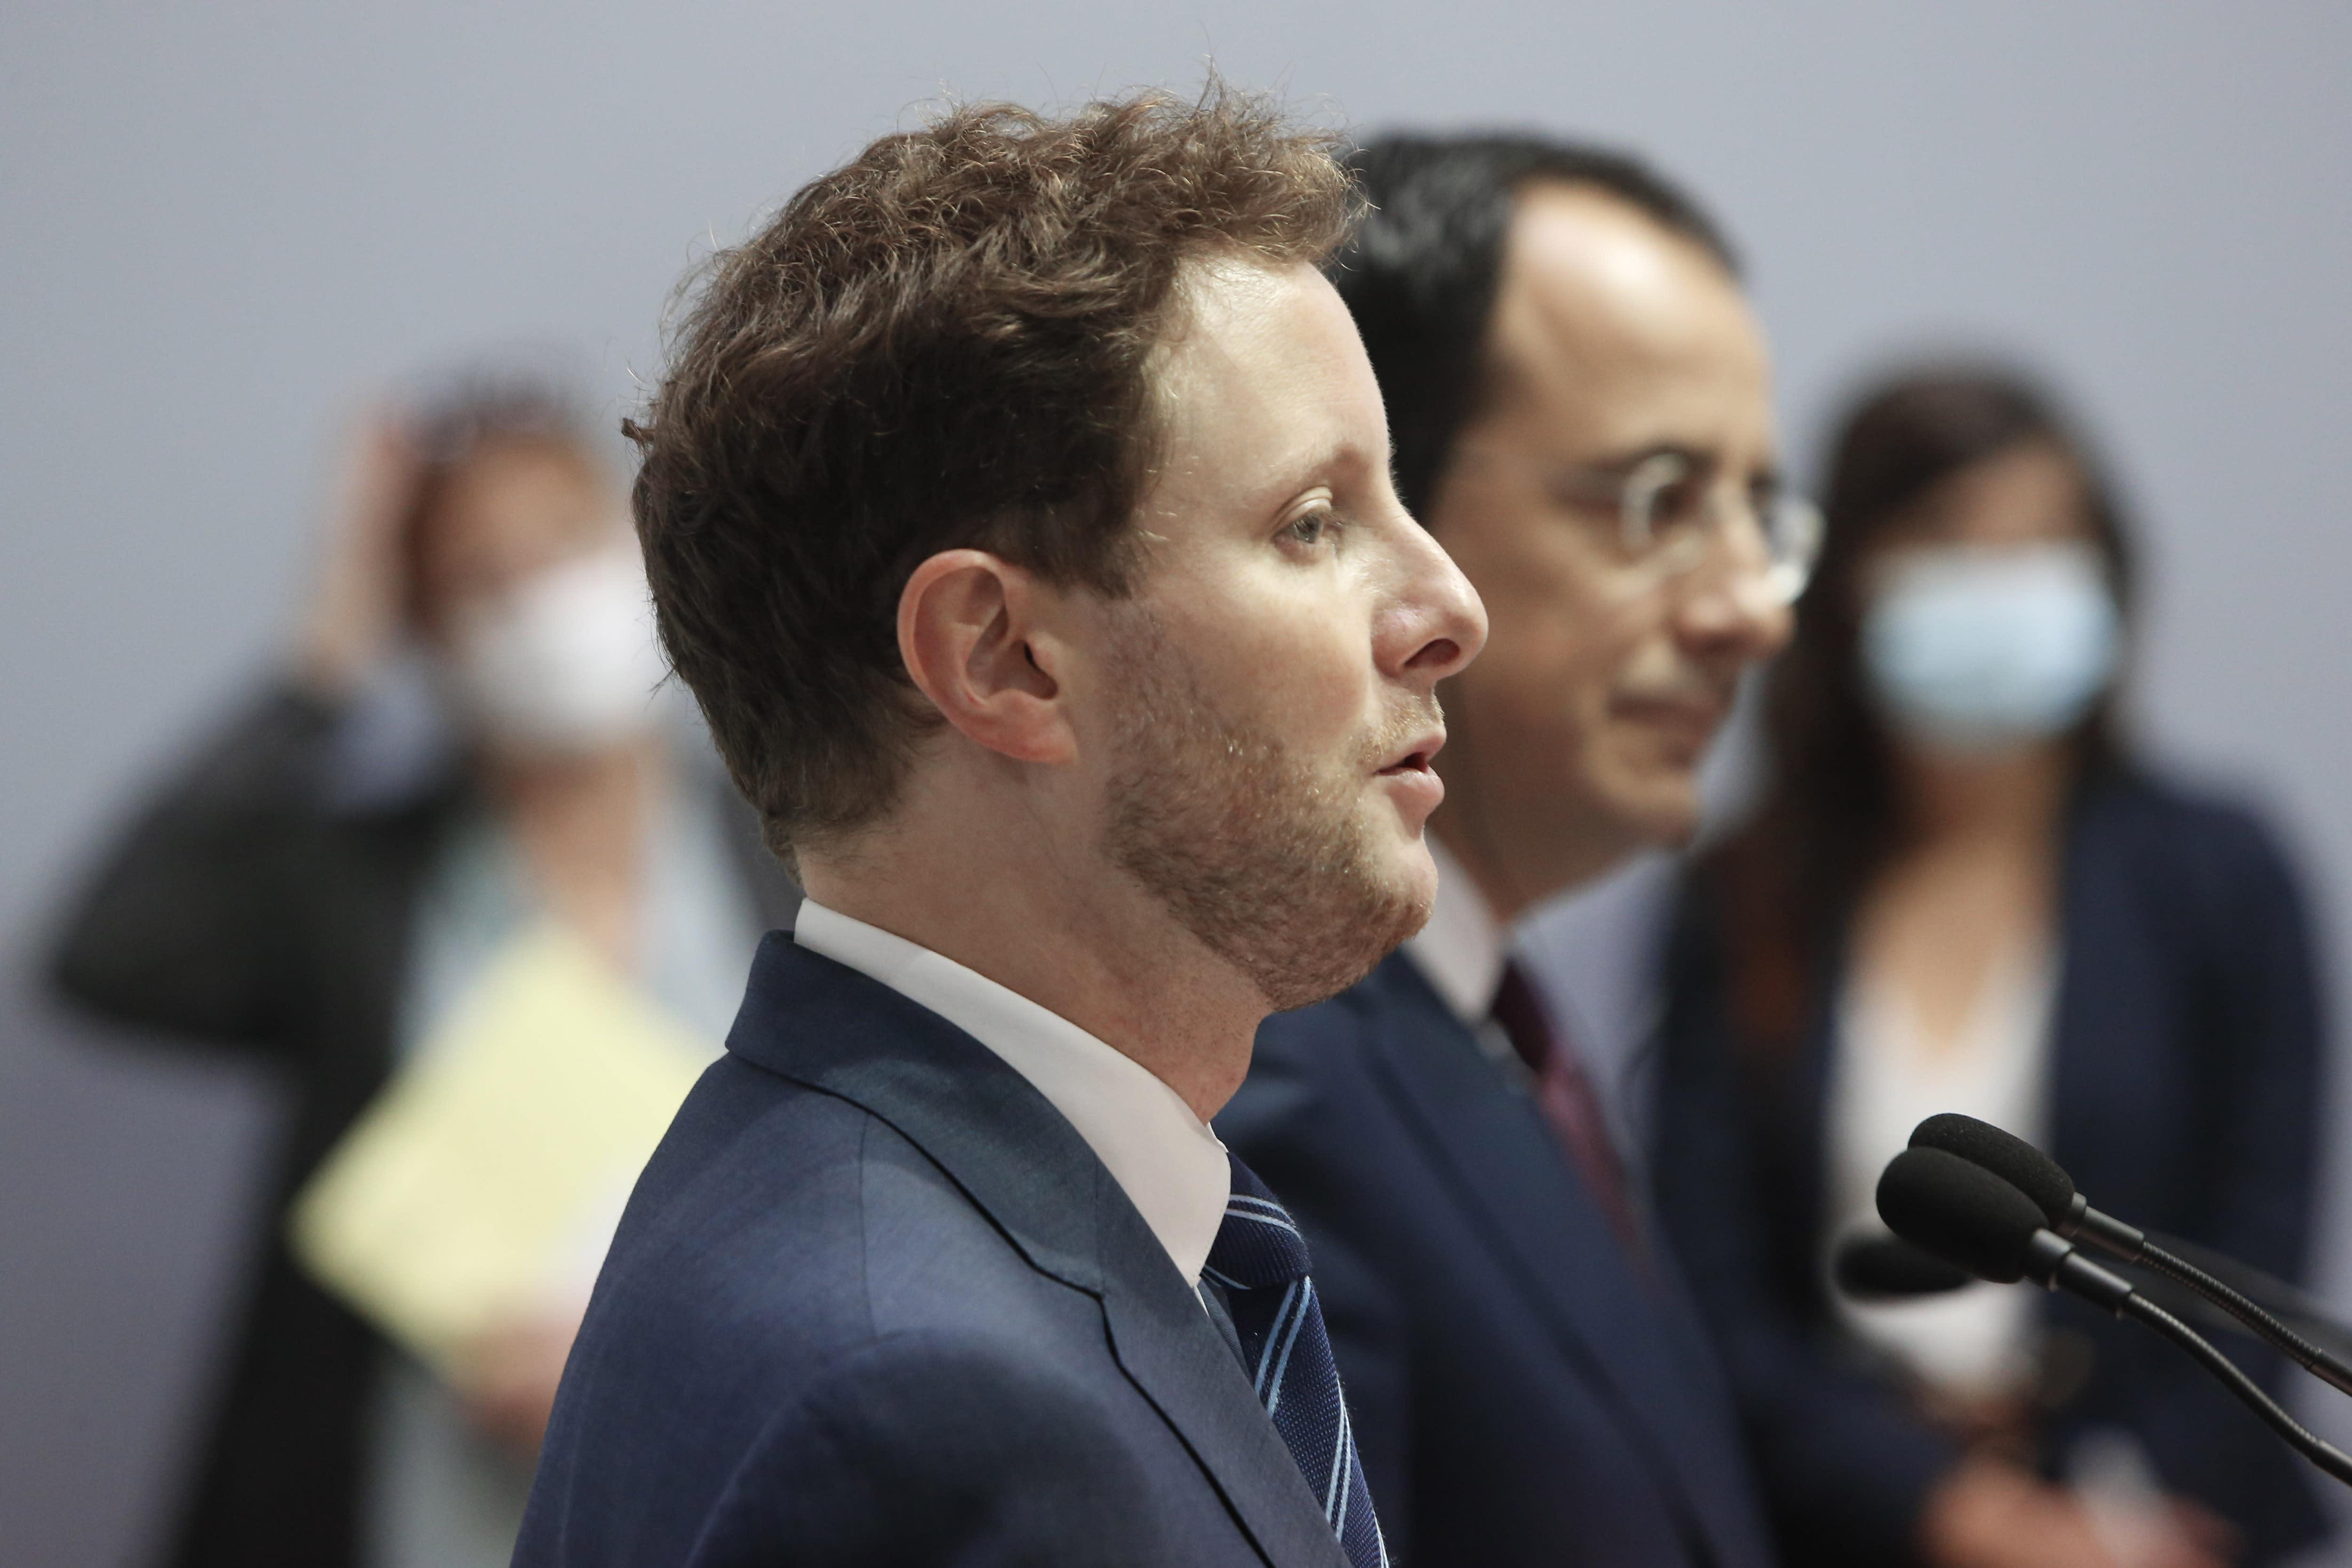 法国欧洲事务大臣克莱门特·博恩(Clement Beaune)和塞浦路斯外交大臣尼科斯·克里斯托杜利德斯(Nikos Christodoulides)参加2020年9月18日星期五在首都尼科西亚的外交部大楼举行的新闻发布会。博恩表示,欧盟应考虑实施制裁。如果该国继续在希腊和塞浦路斯主张专有权的水域内进行碳氢化合物搜索,那么该国将对土耳其不利。 (美联社照片/ Petros Karadjias)